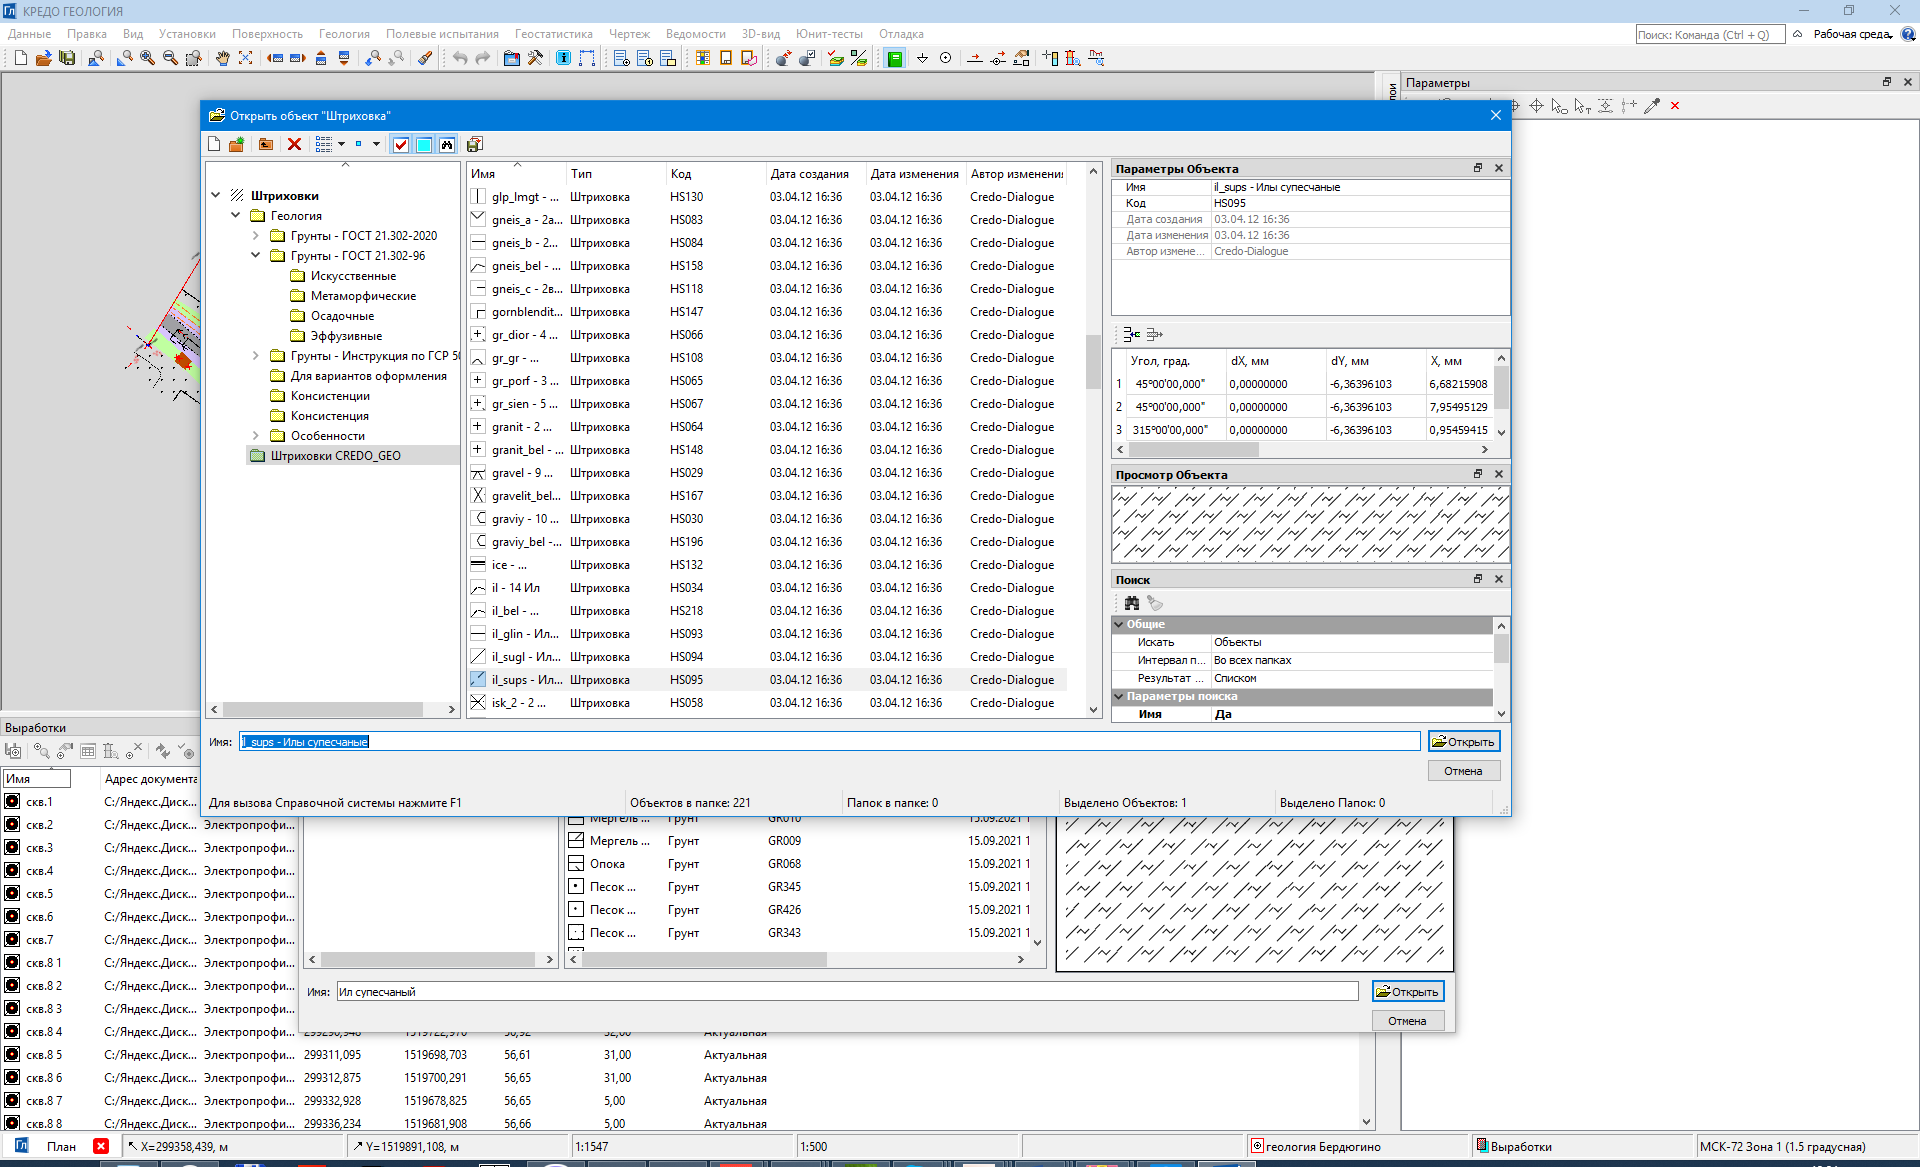 Нове в геологічній лінійці СREDO версії 2.7 - рис.2